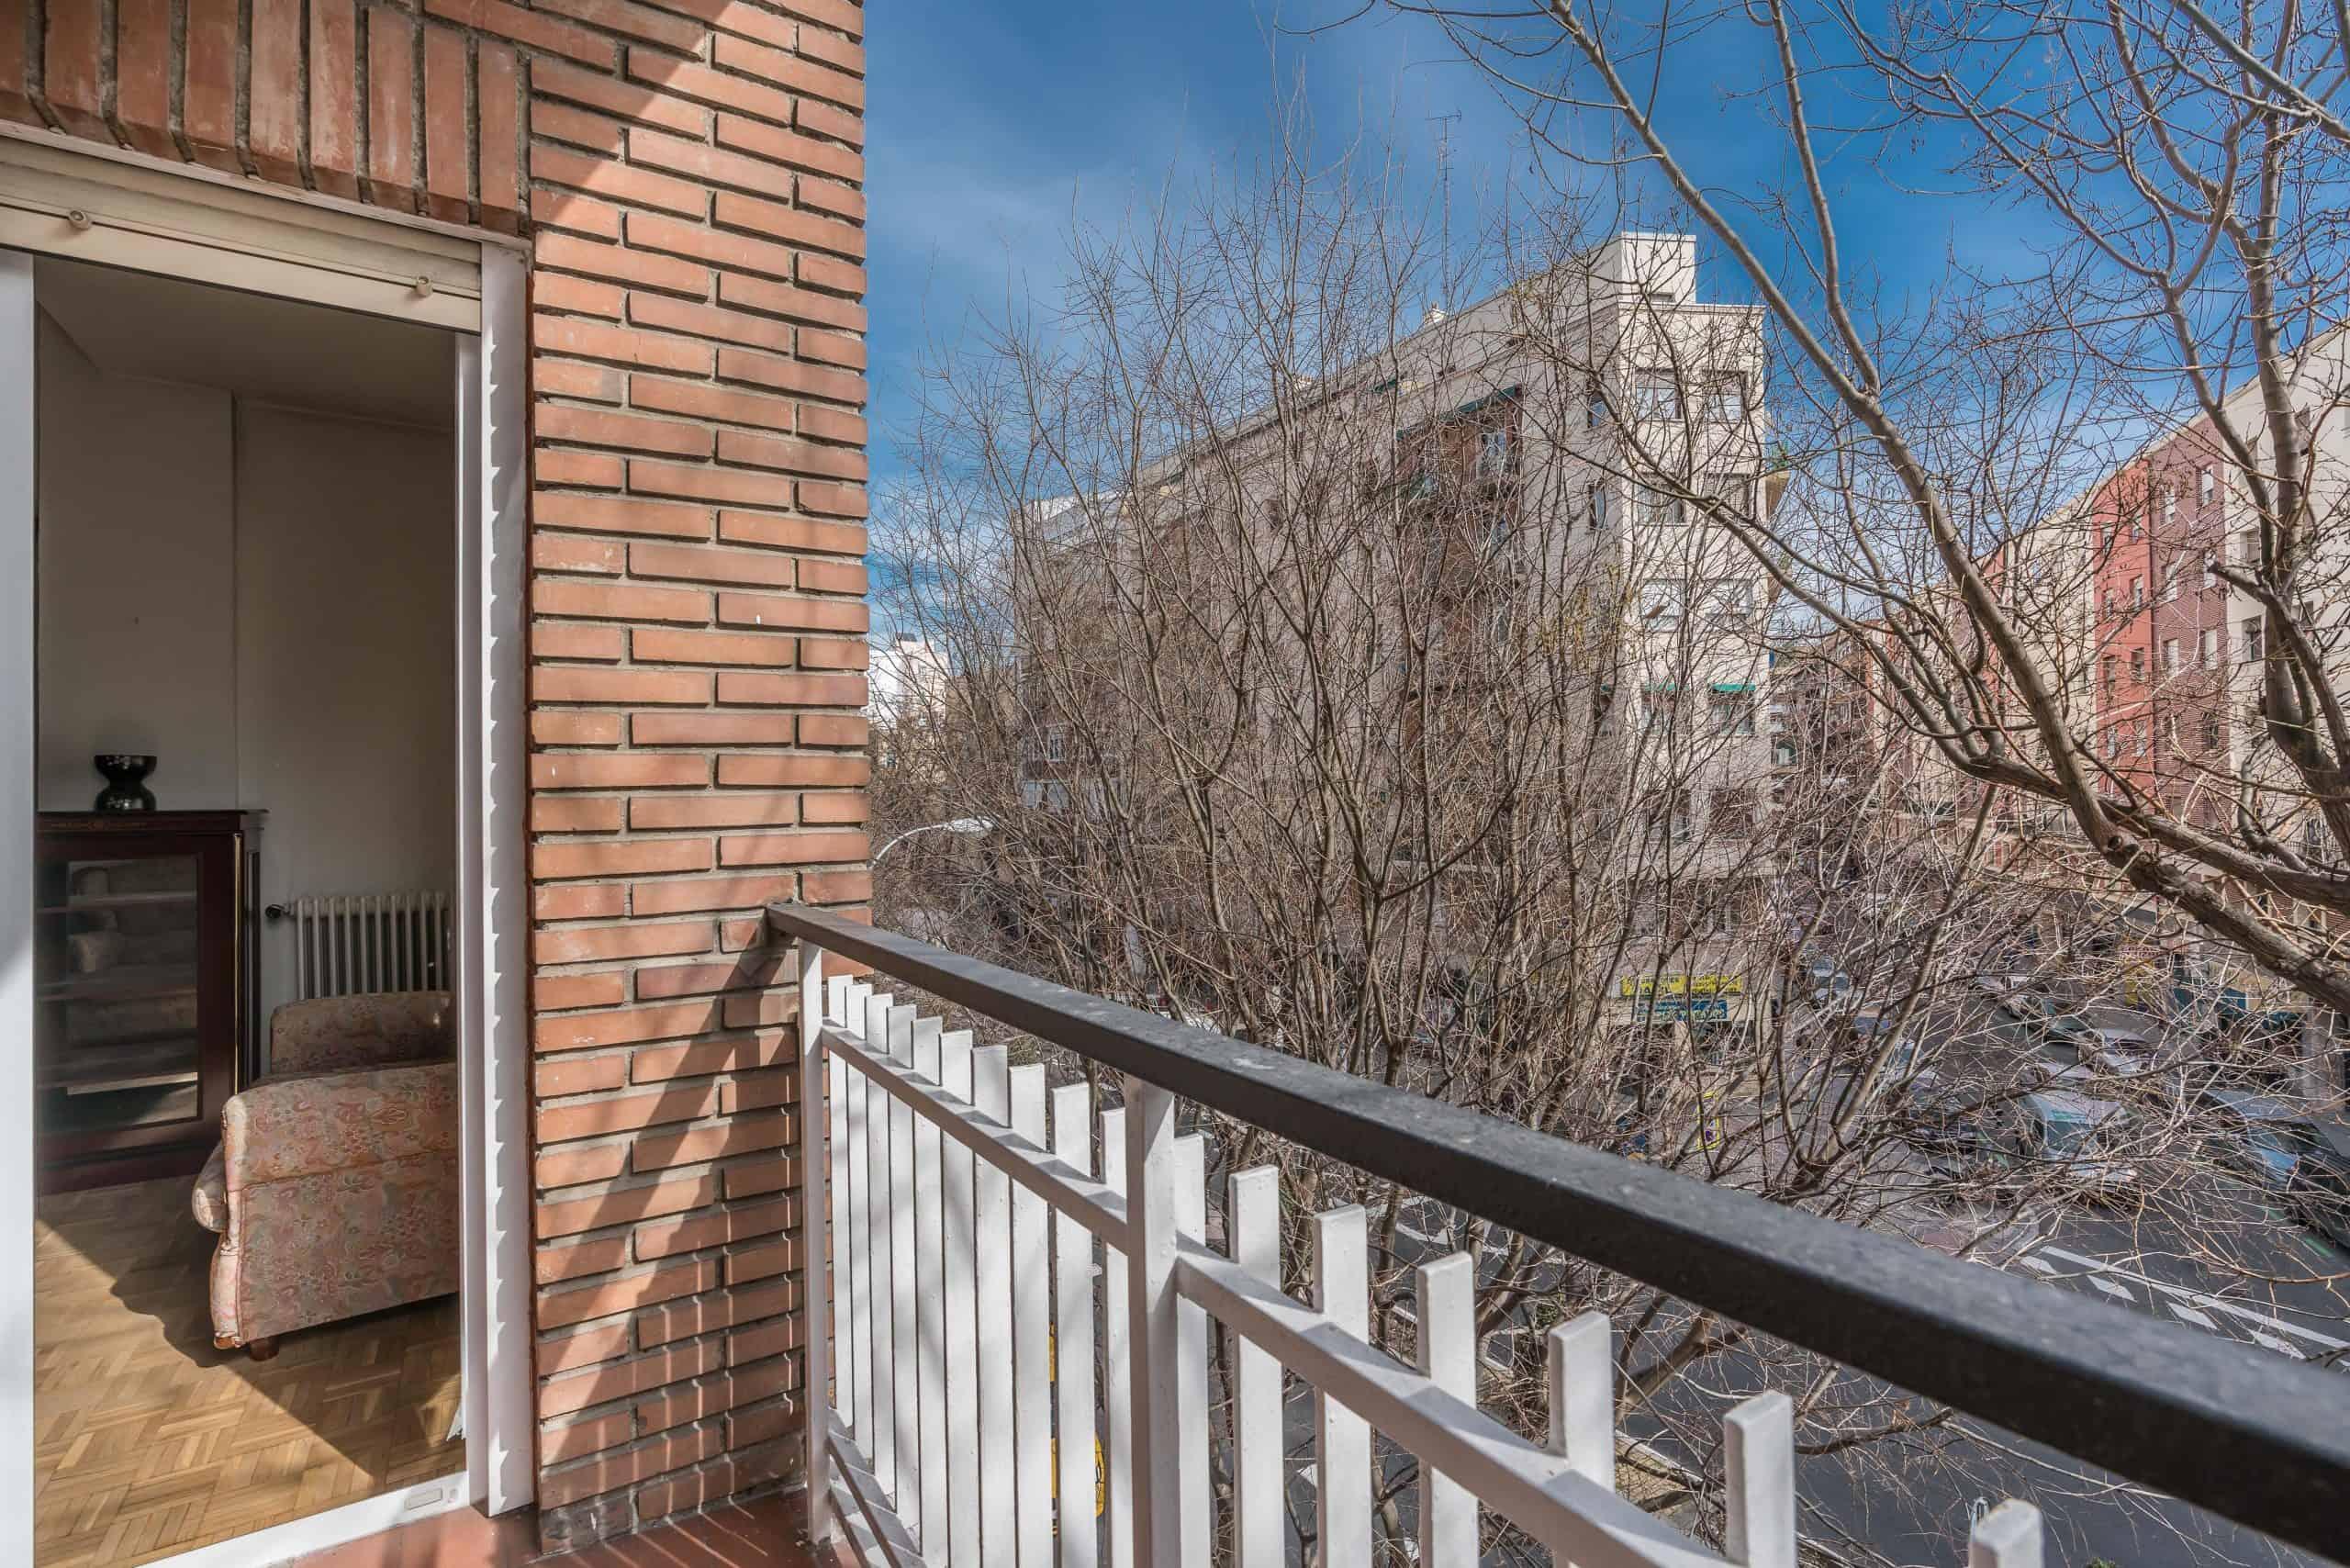 Agencia Inmobiliaria de Madrid-FUTUROCASA-Zona ARGANZUELA-LEGAZPI -calle Jaime Conquistador 48- balcón 2